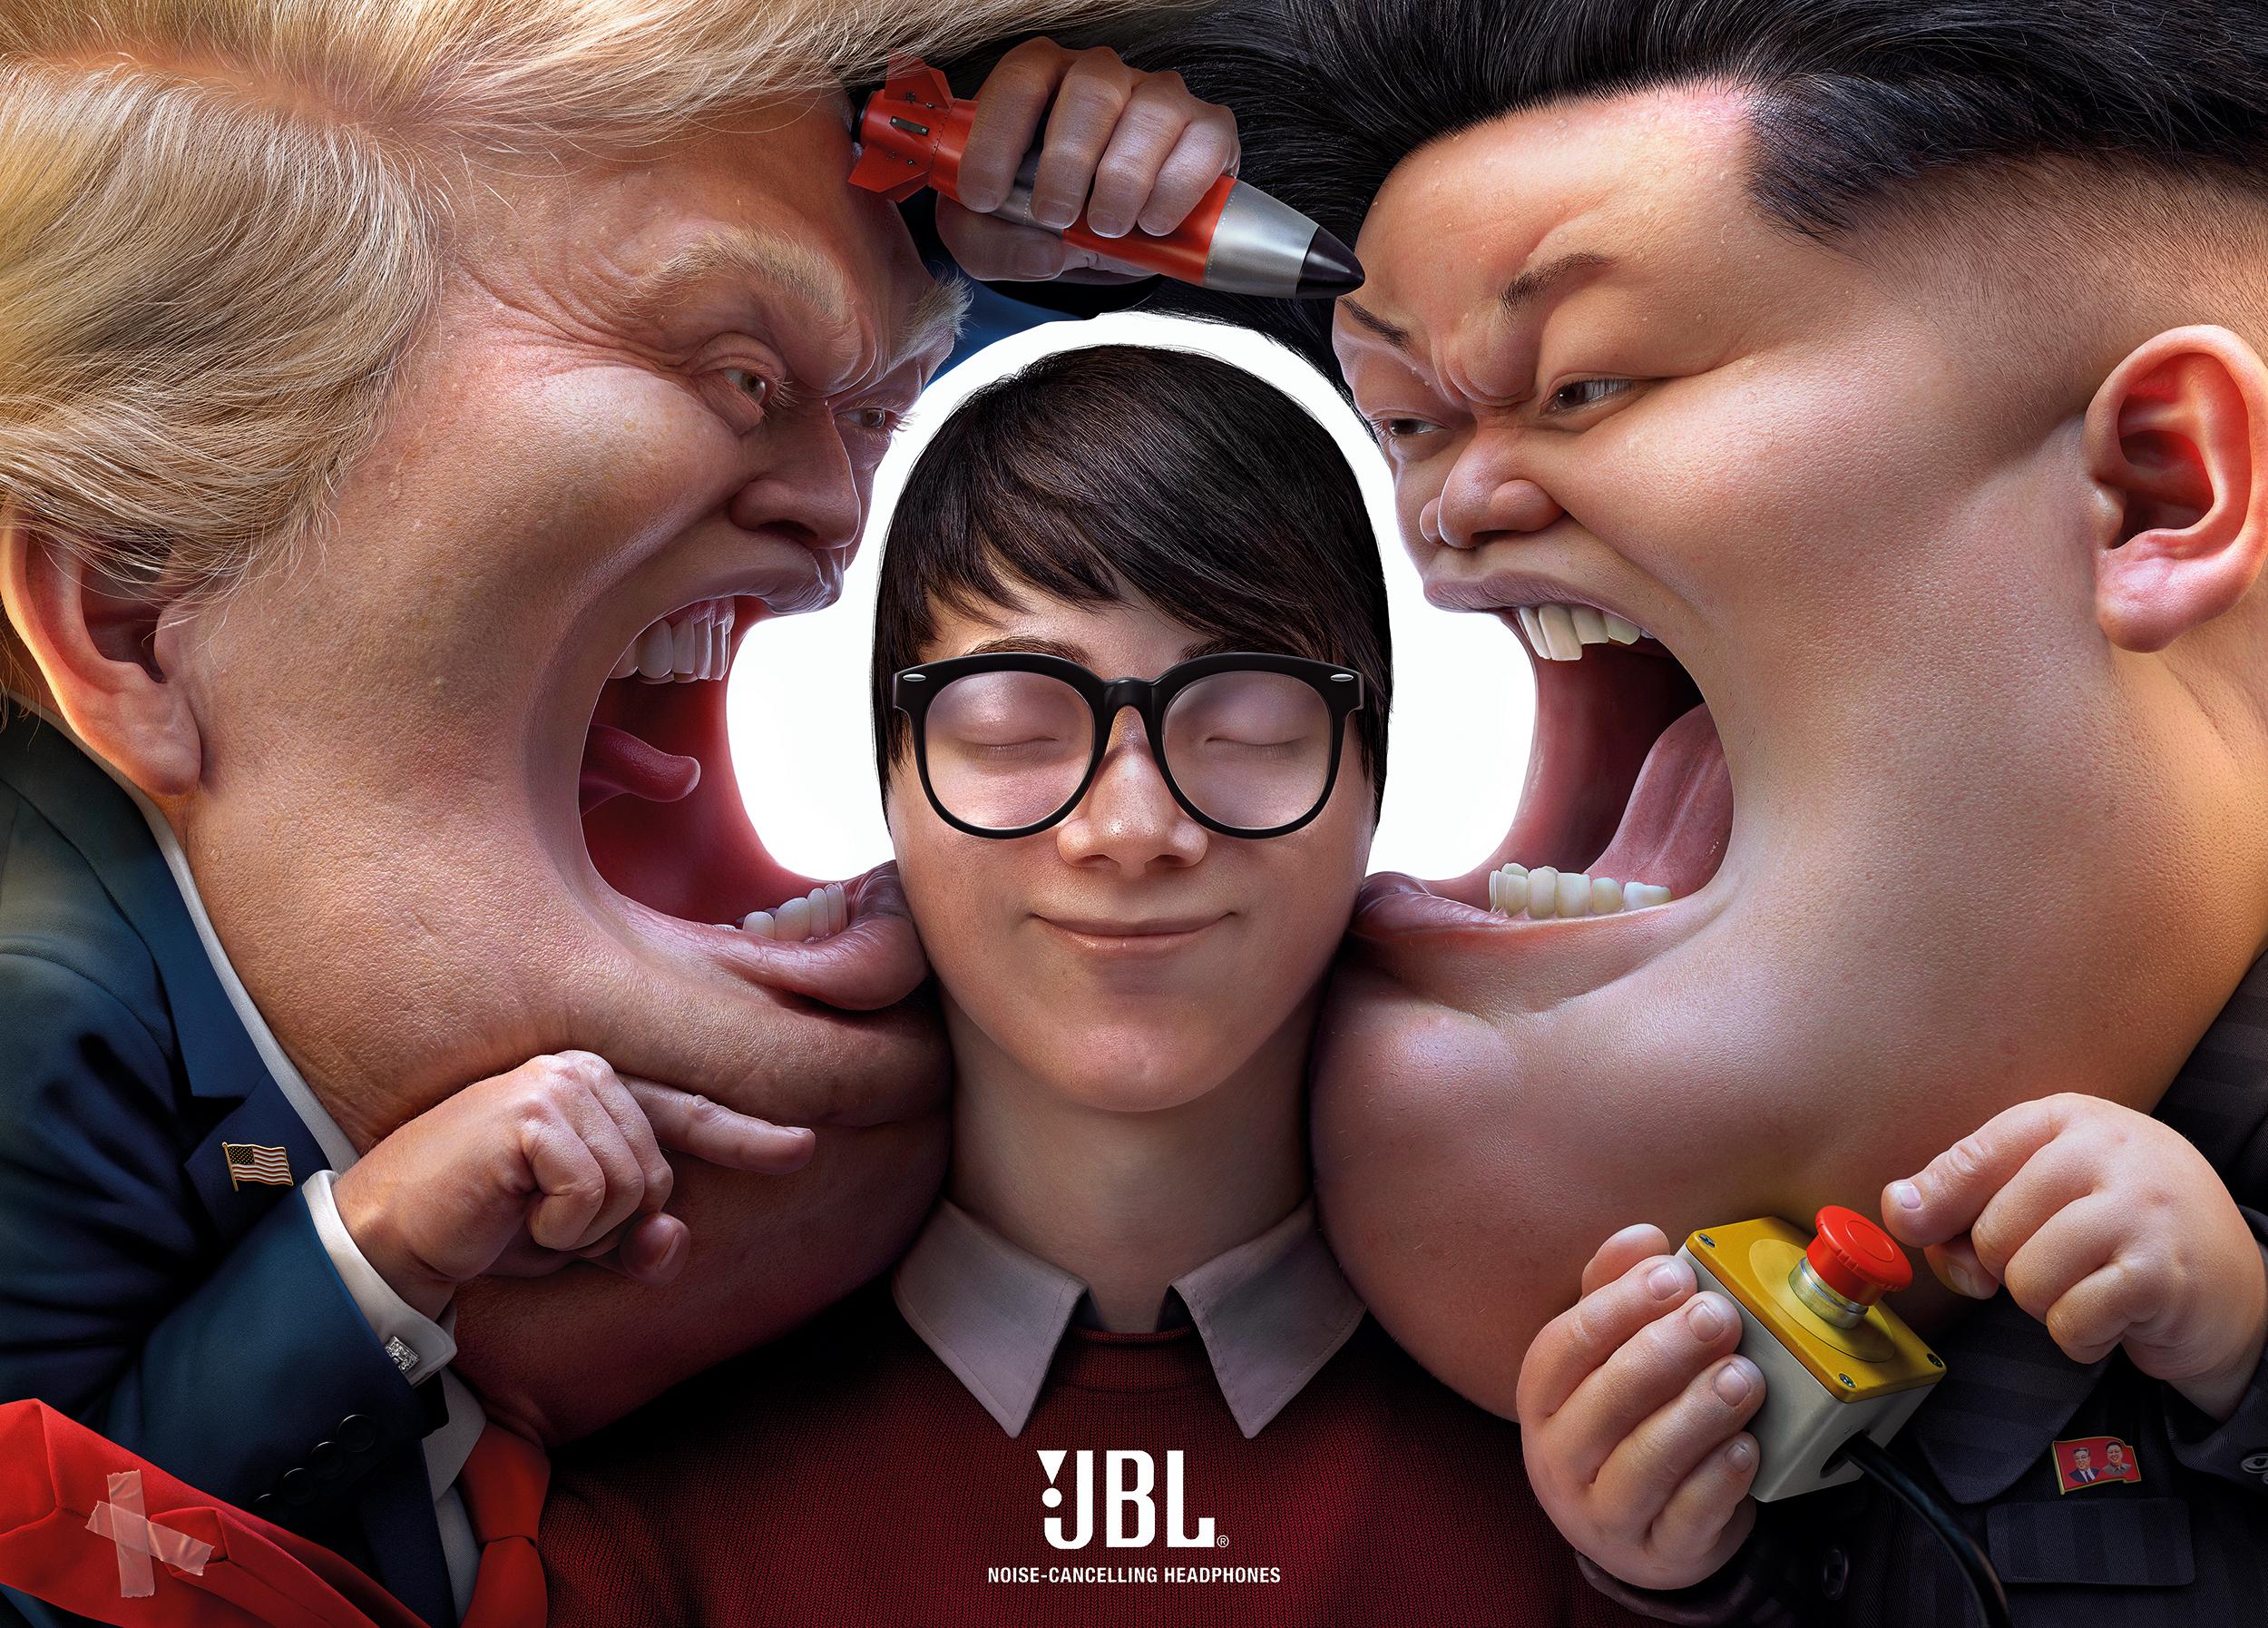 A_JBL_Trump&Kim_Srgb.jpg